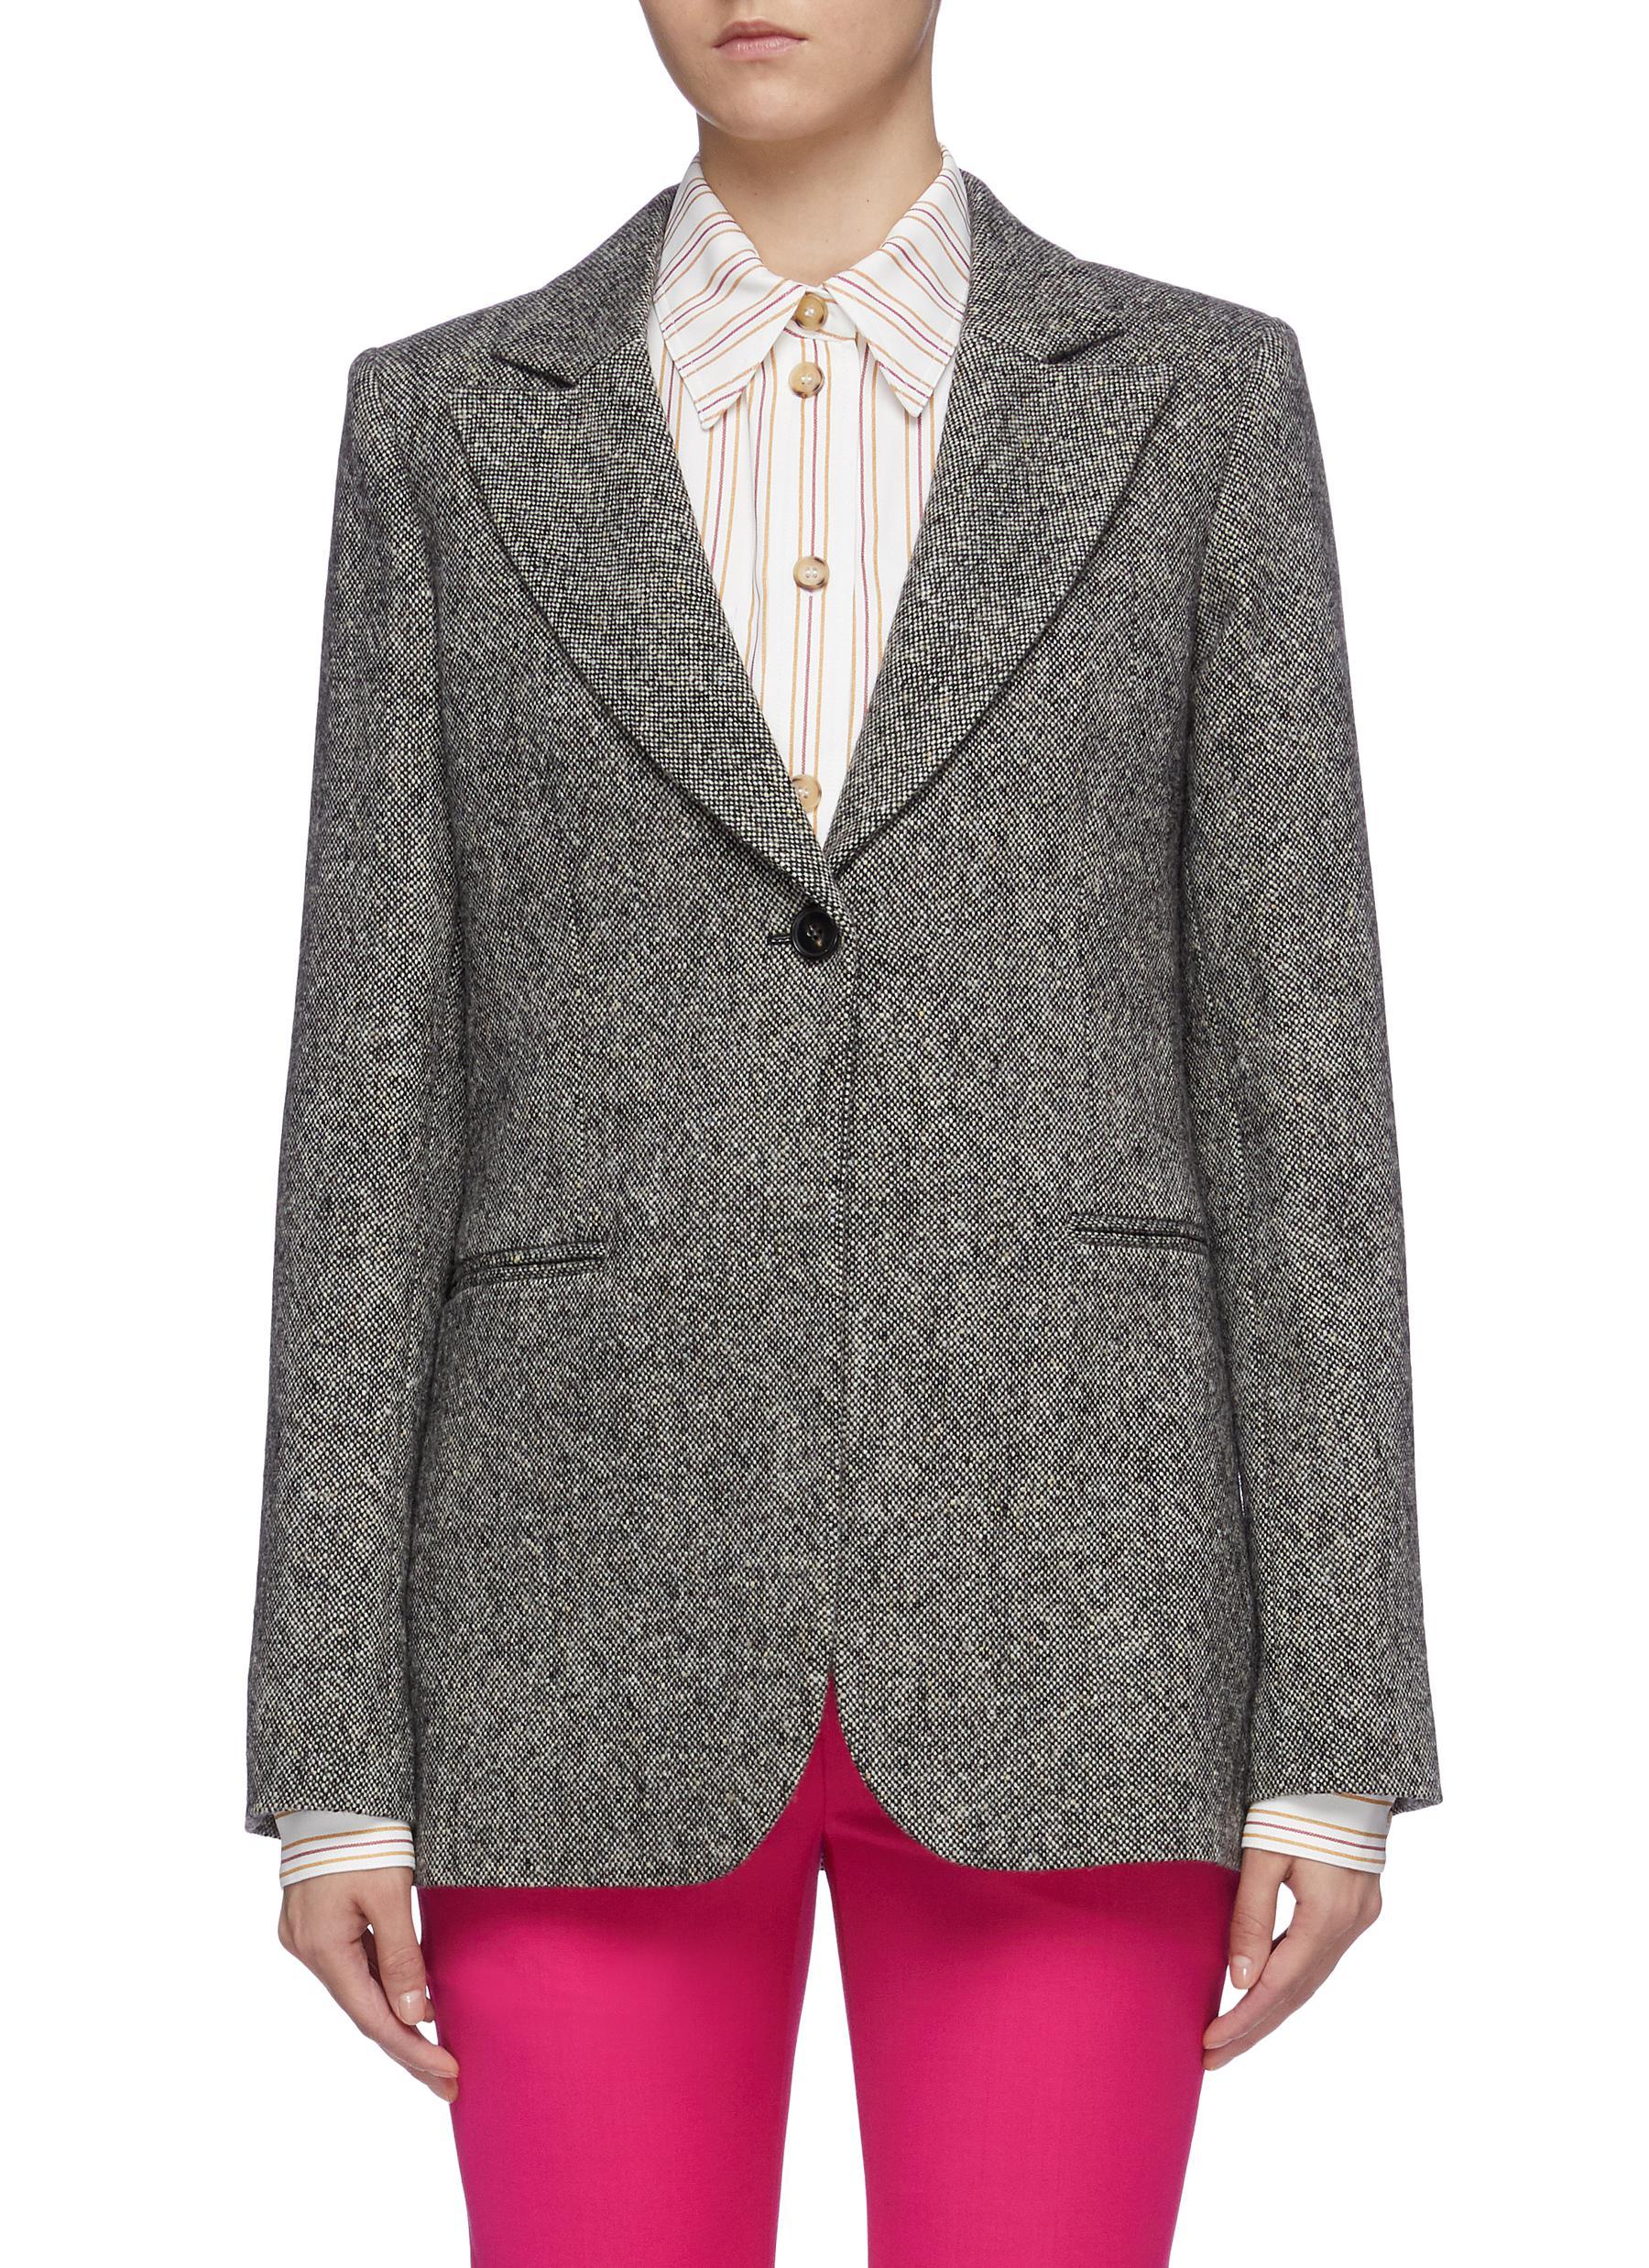 Wool tweed jacket by Victoria Beckham